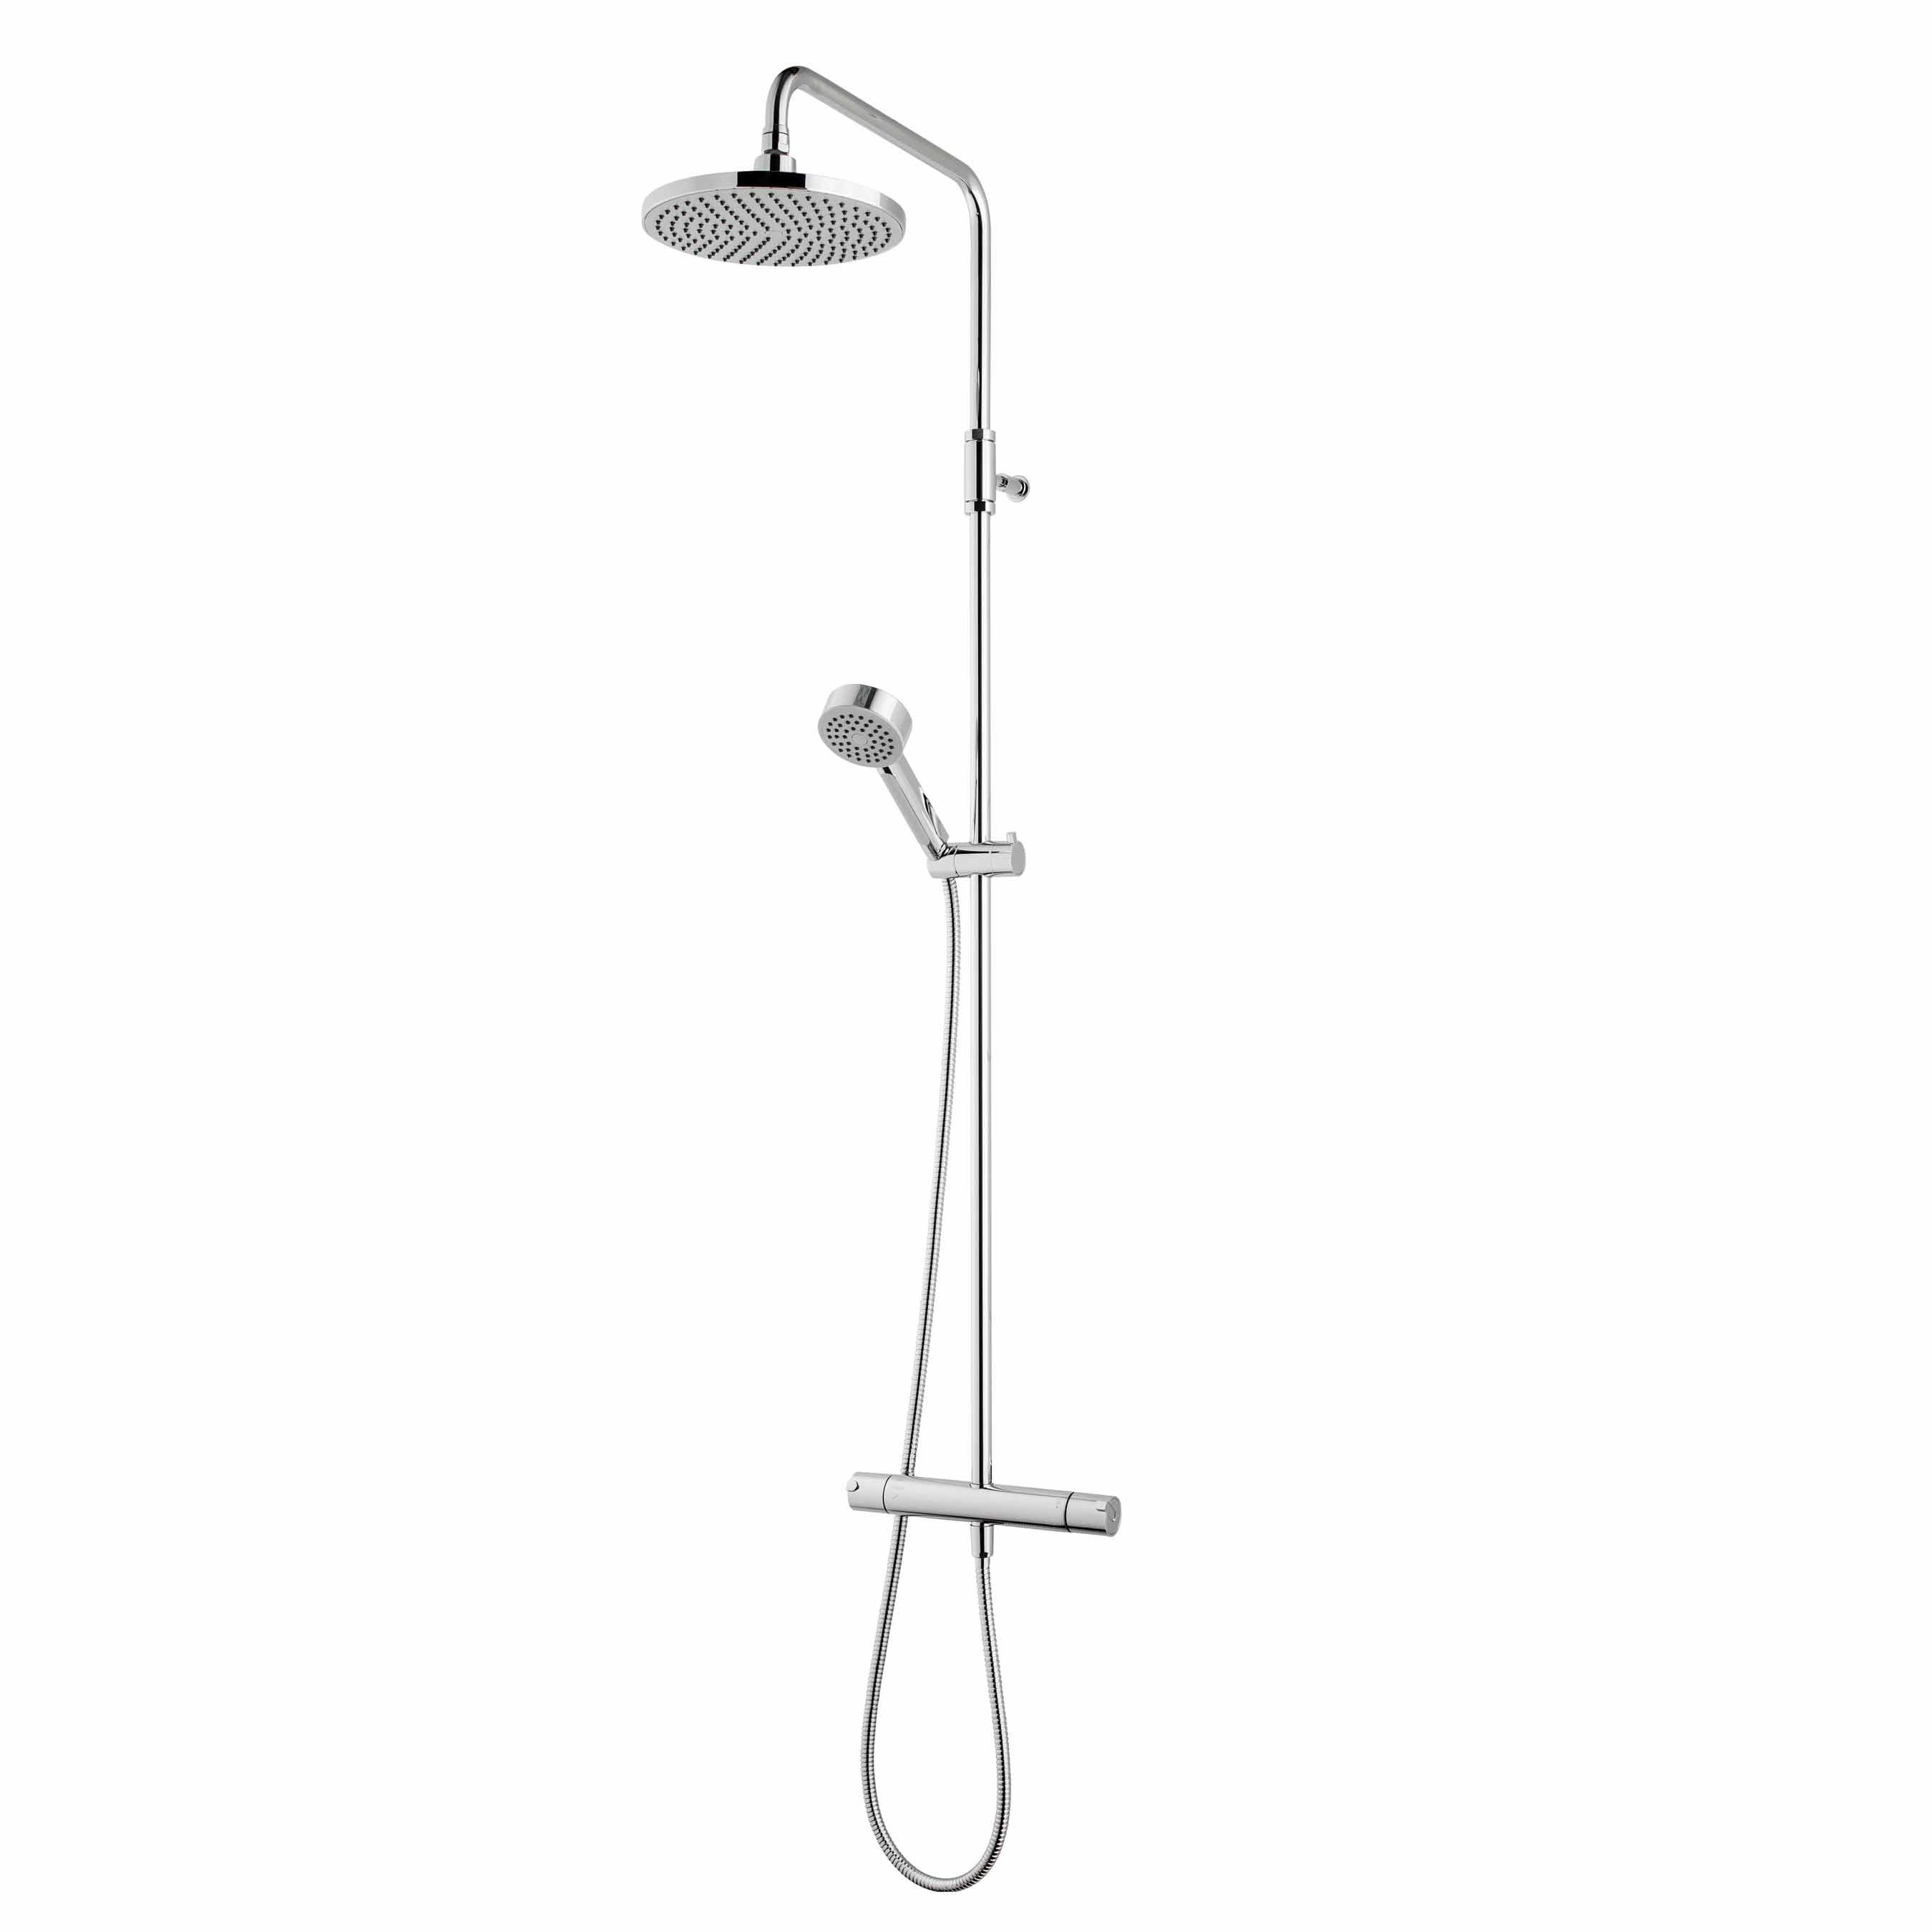 Takduschset Mora Rexx Shower System Kit